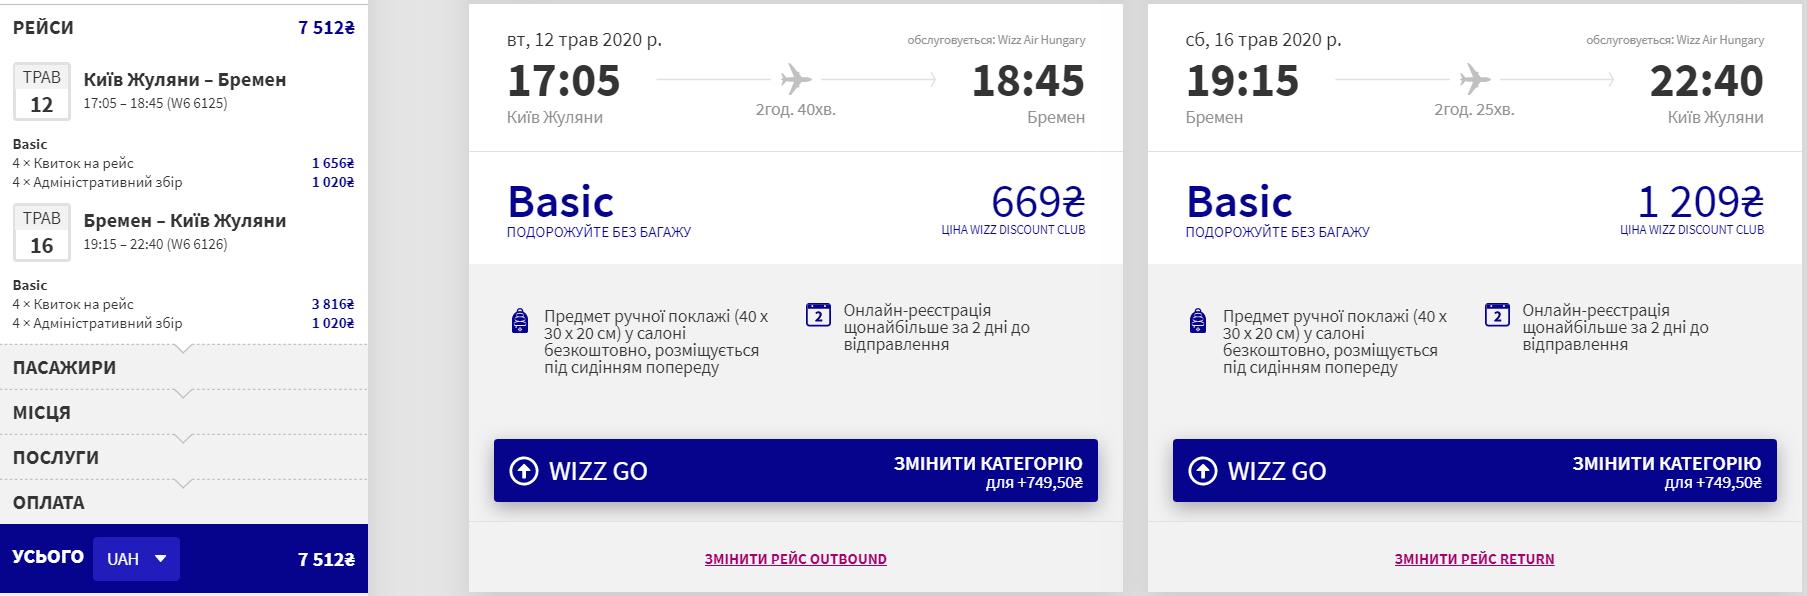 Київ - Бремен - Київ >>